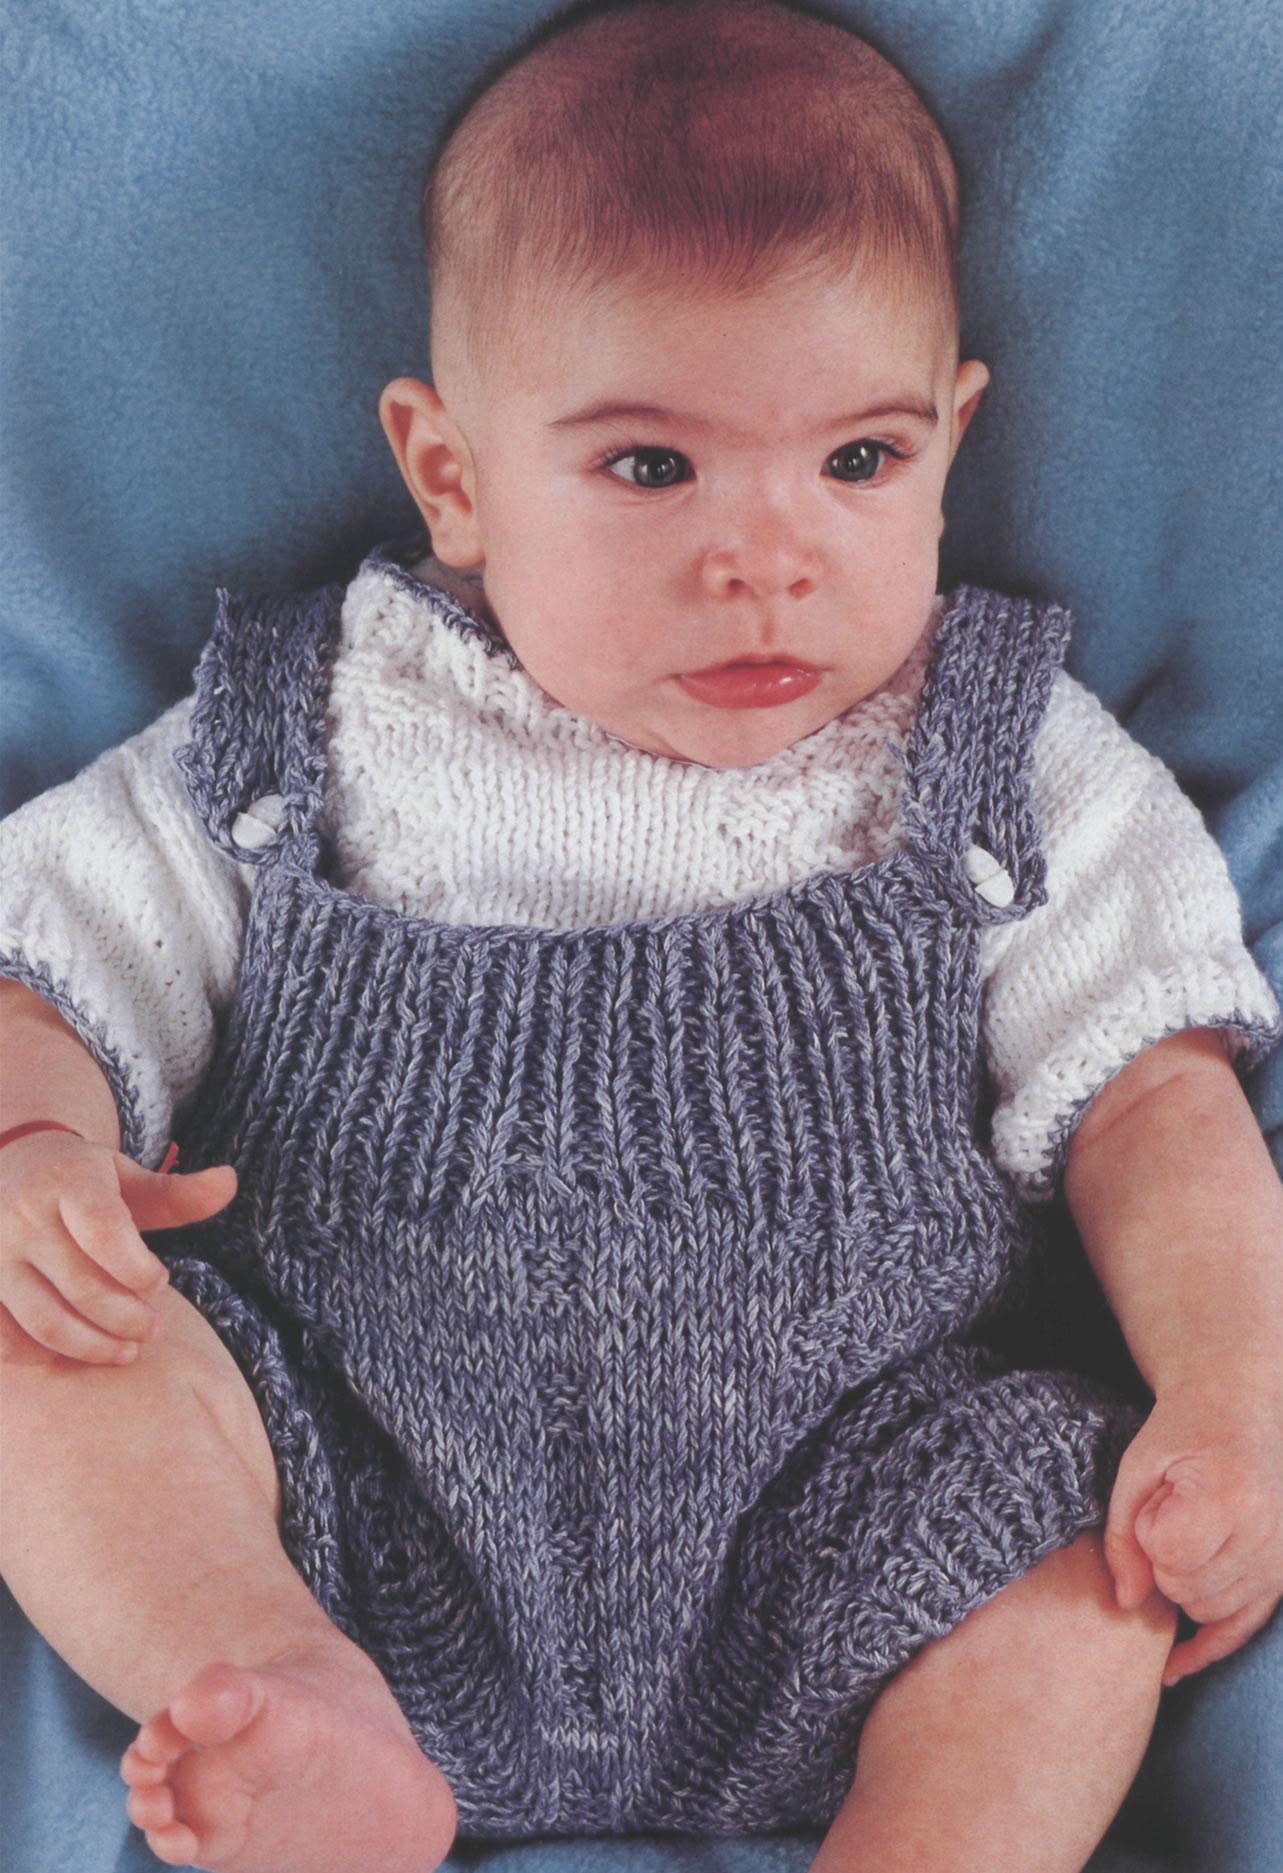 Ropa bebe. MATERIALES Hilo azulino de 2 hebras (tejido doble)  1OO g. Hilo  blanco de 2 hebras (tejido doble)  90 g. Agujas Nº 3 y de crochet. 2 botones 9c6642144b51